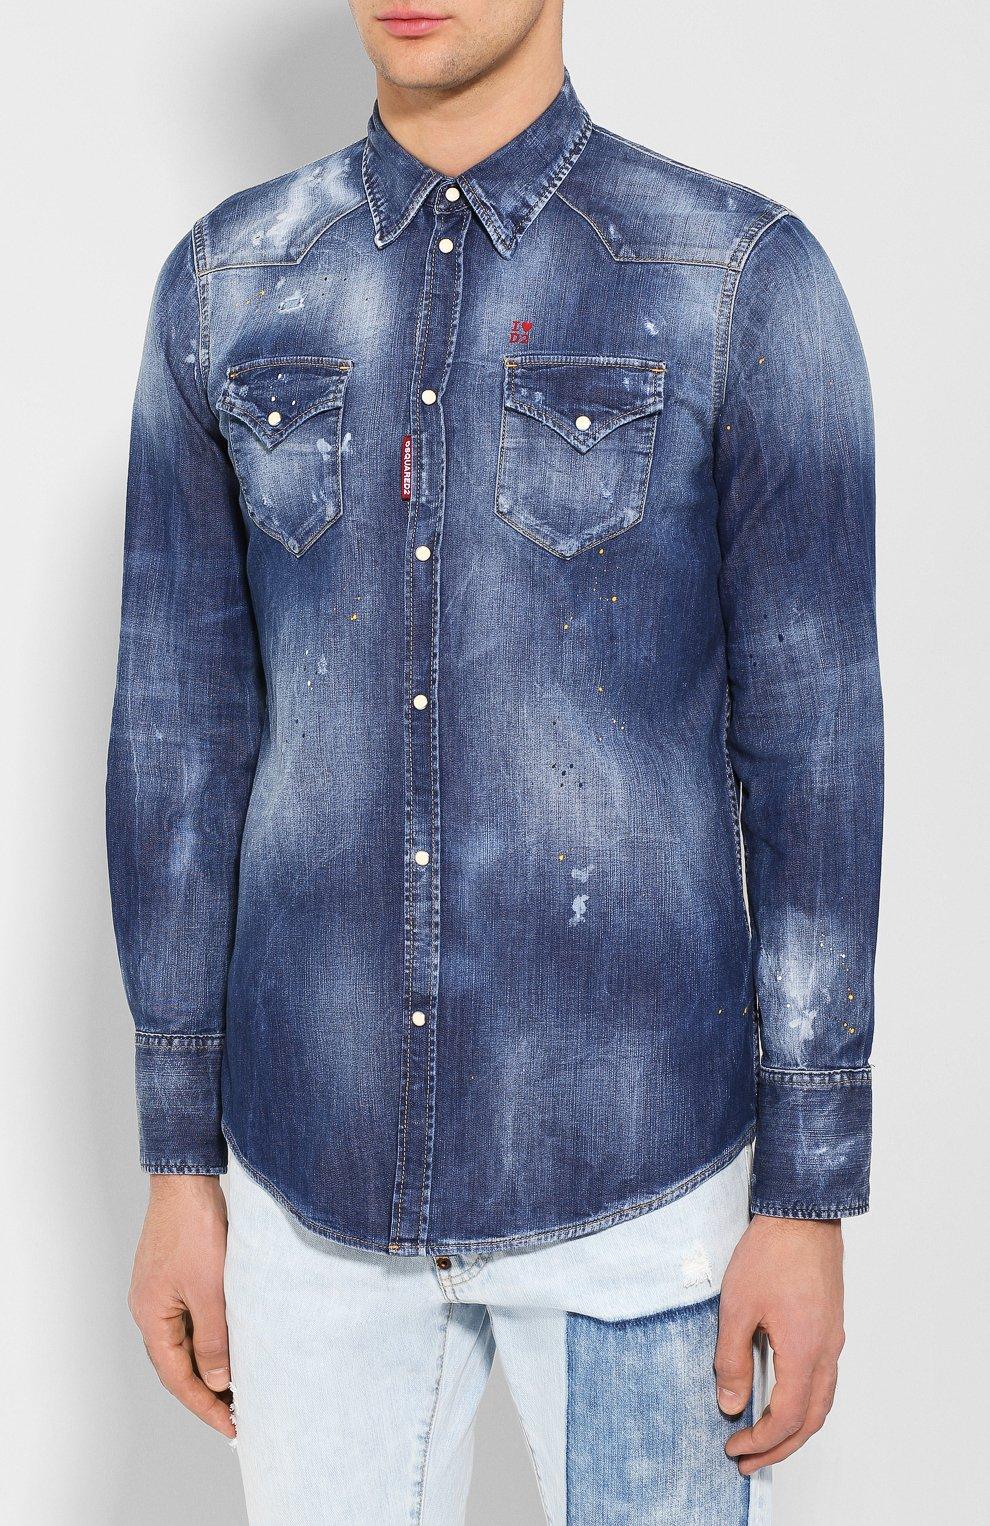 Мужская джинсовая рубашка DSQUARED2 синего цвета, арт. S74DM0392/S30341 | Фото 3 (Воротник: Кент; Рукава: Длинные; Манжеты: На кнопках; Кросс-КТ: Деним; Случай: Повседневный; Длина (для топов): Стандартные; Принт: С принтом; Материал внешний: Хлопок, Деним; Мужское Кросс-КТ: Рубашка-одежда; Статус проверки: Проверена категория)